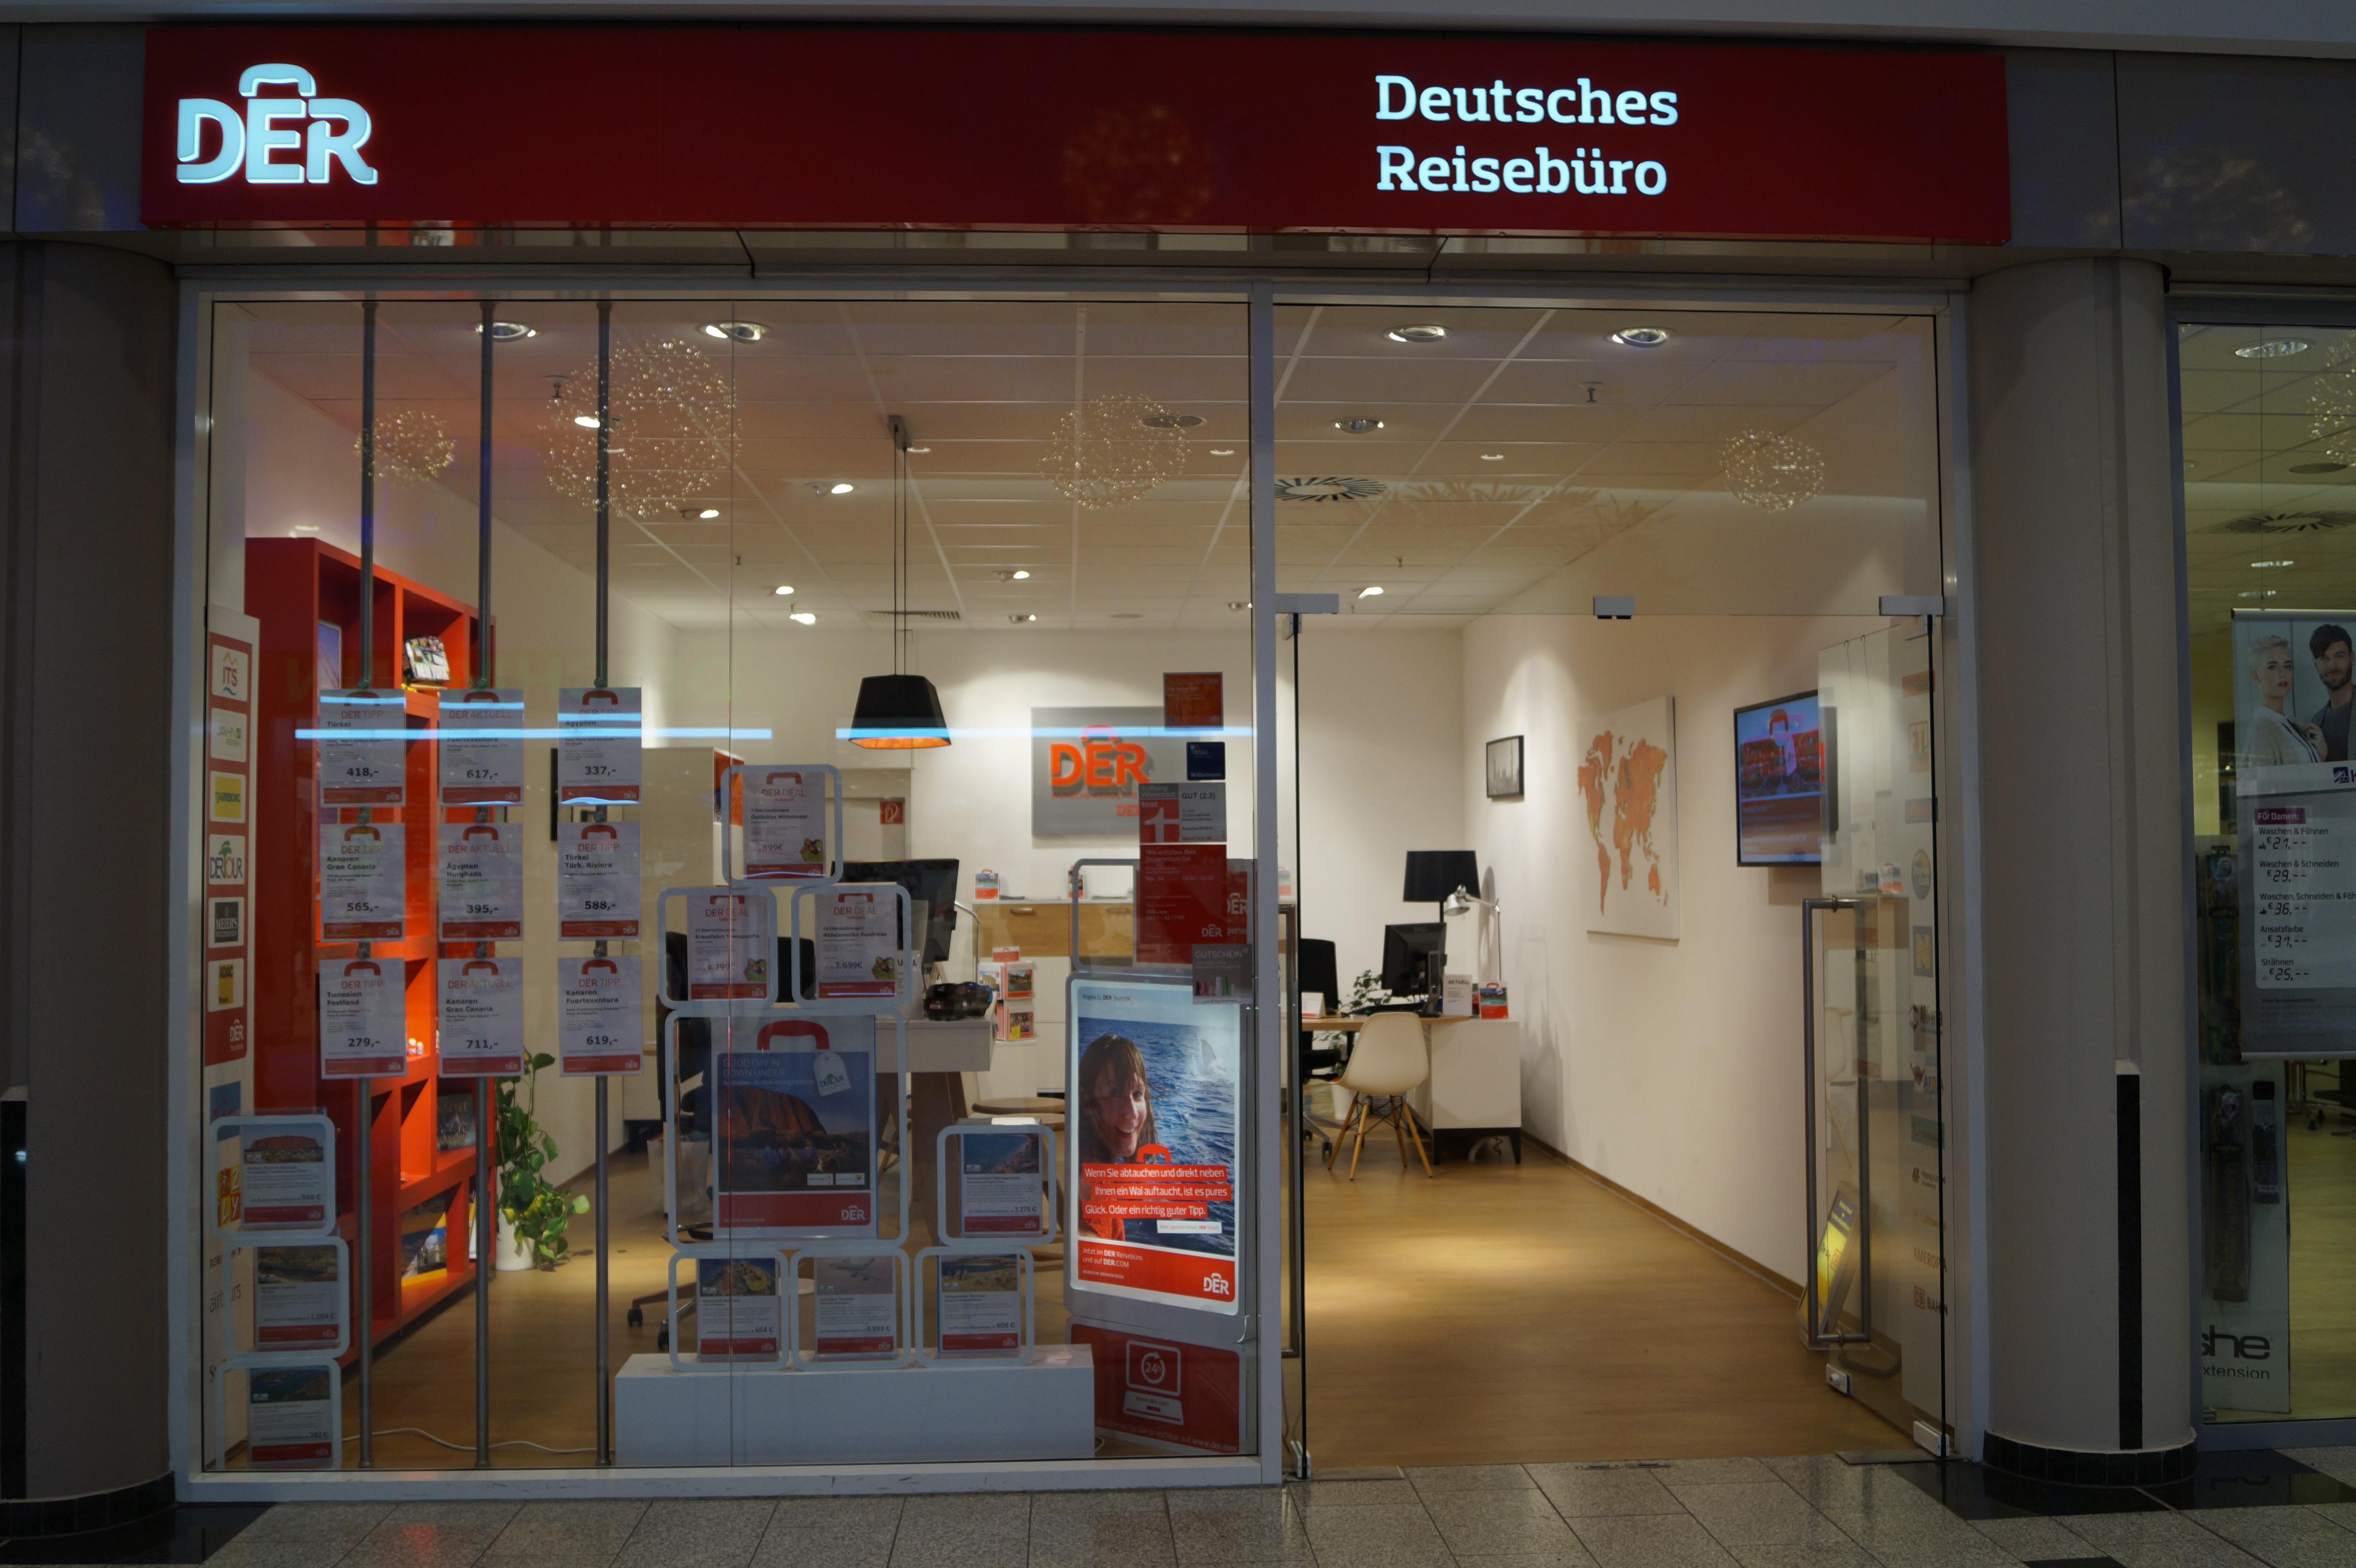 DER Deutsches Reisebüro, Hans-Bredow-Straße 19 in Bremen